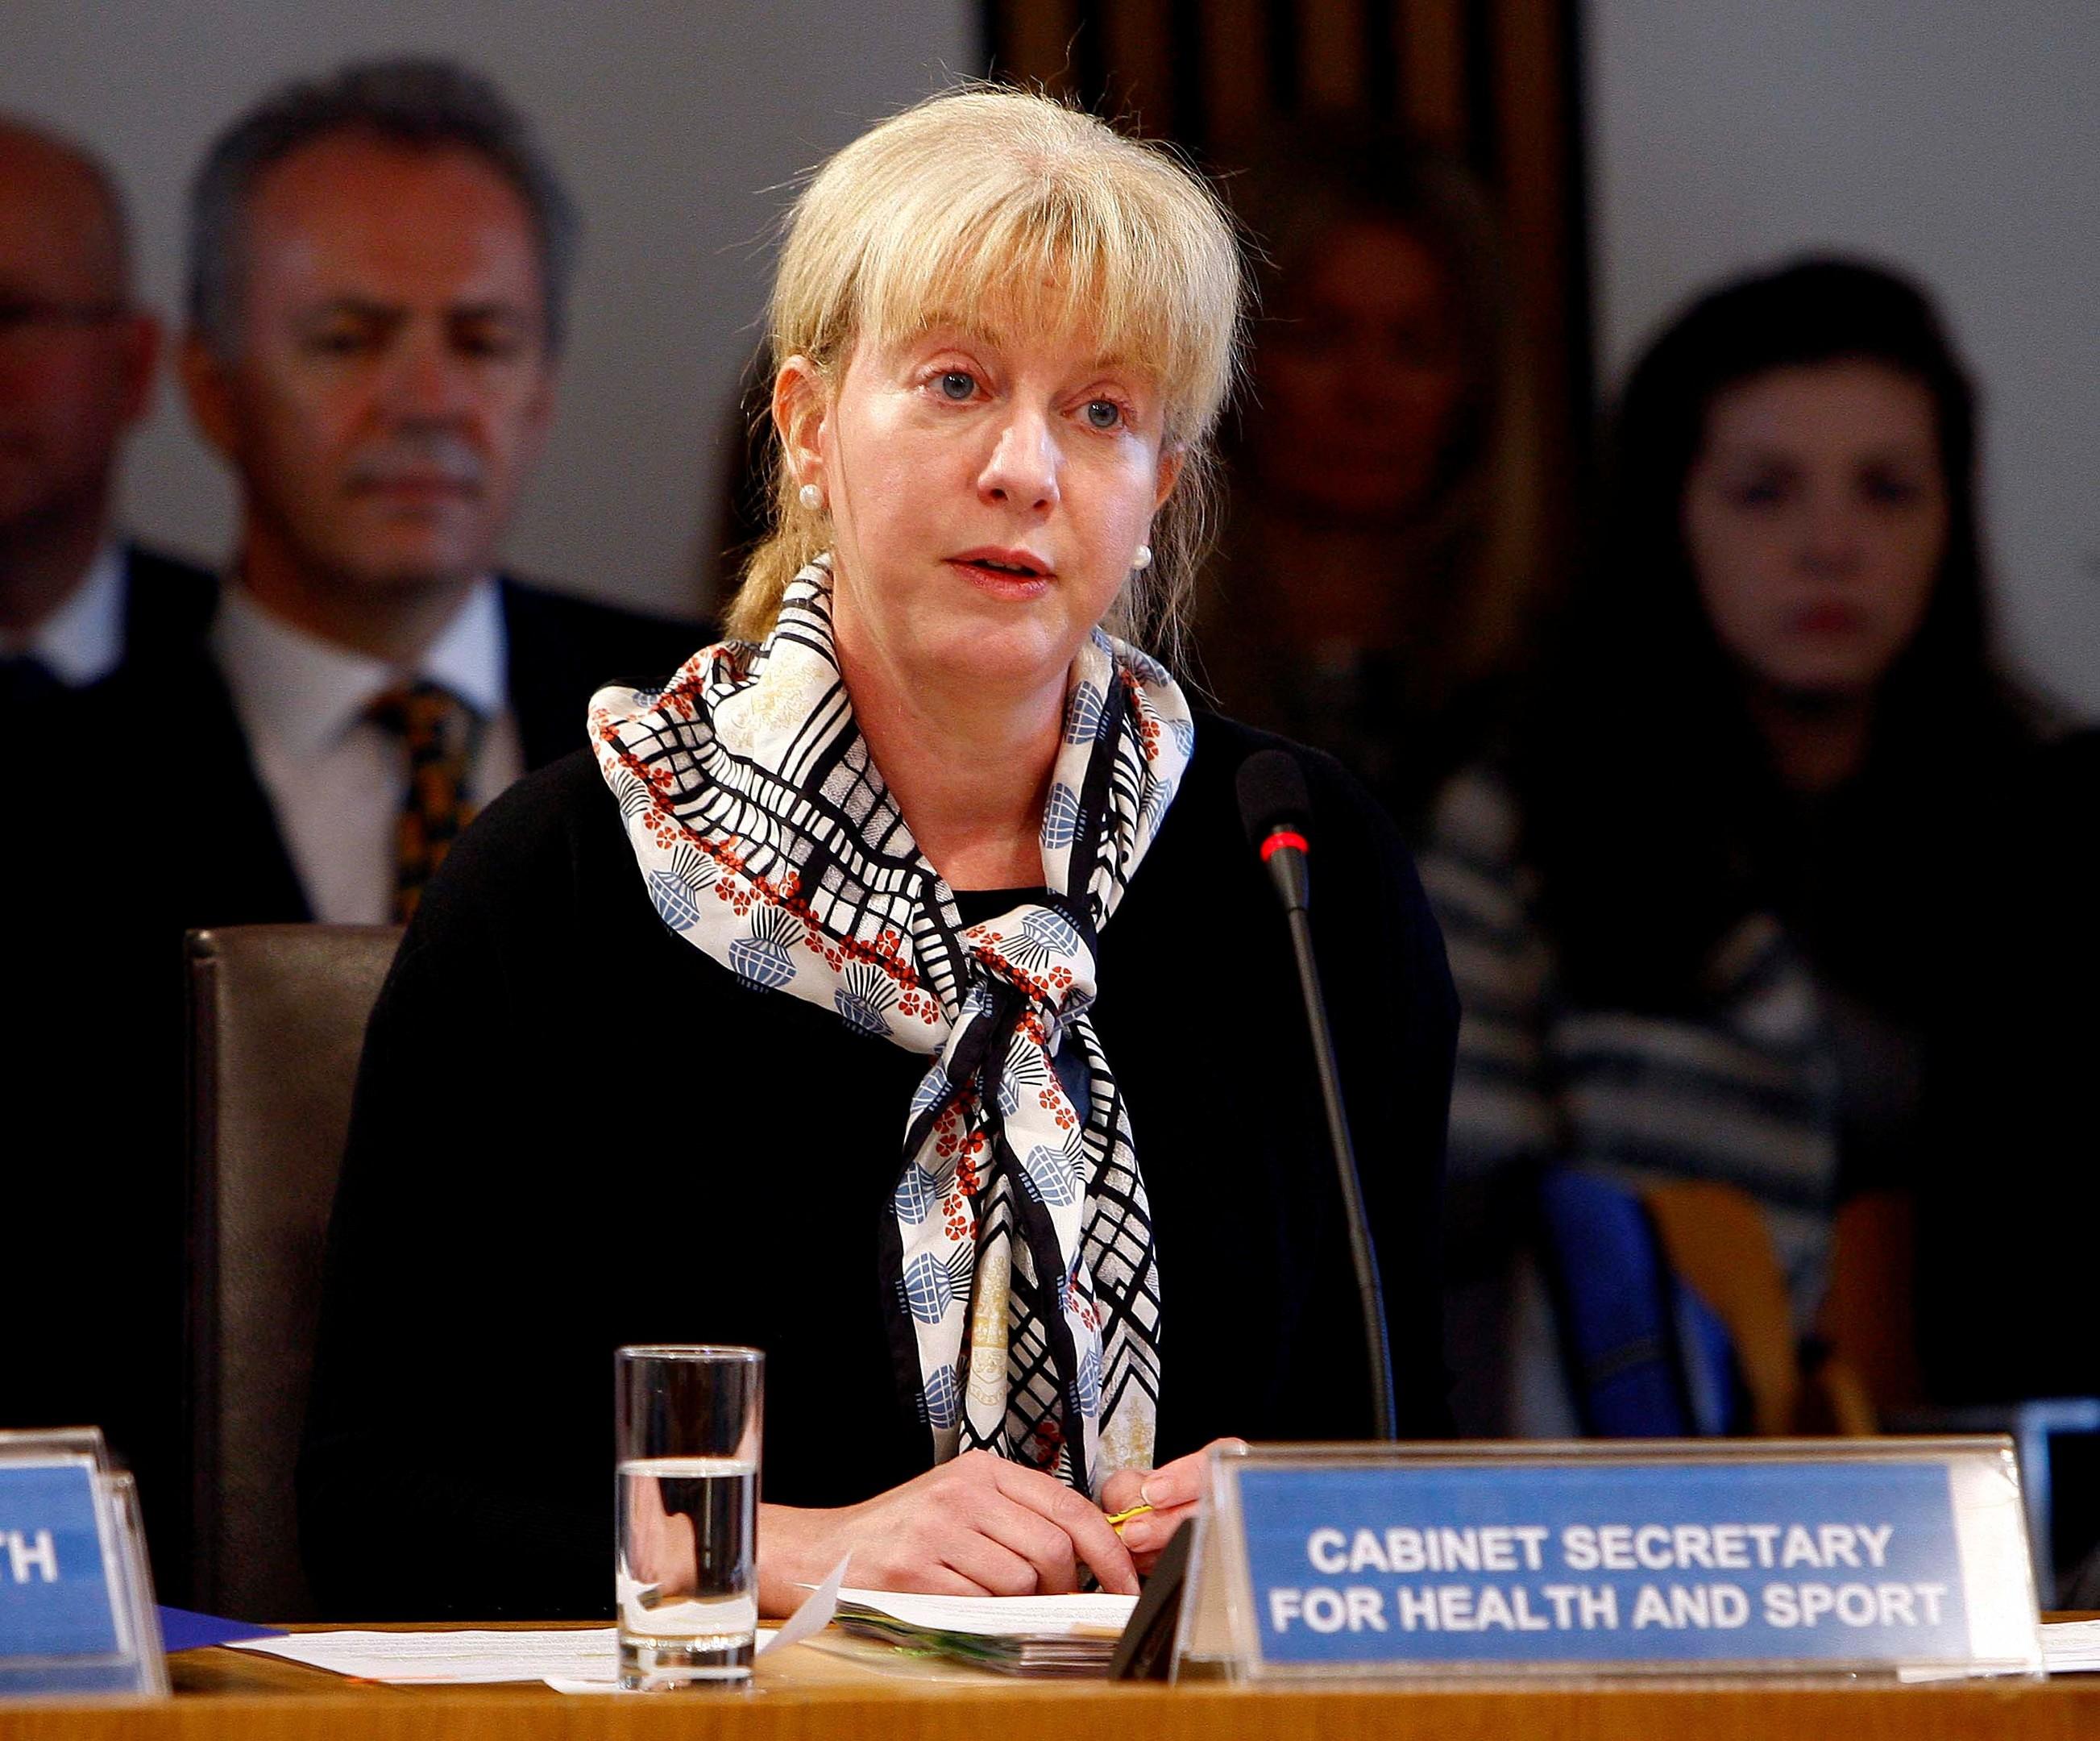 Health Minister Shona Robison